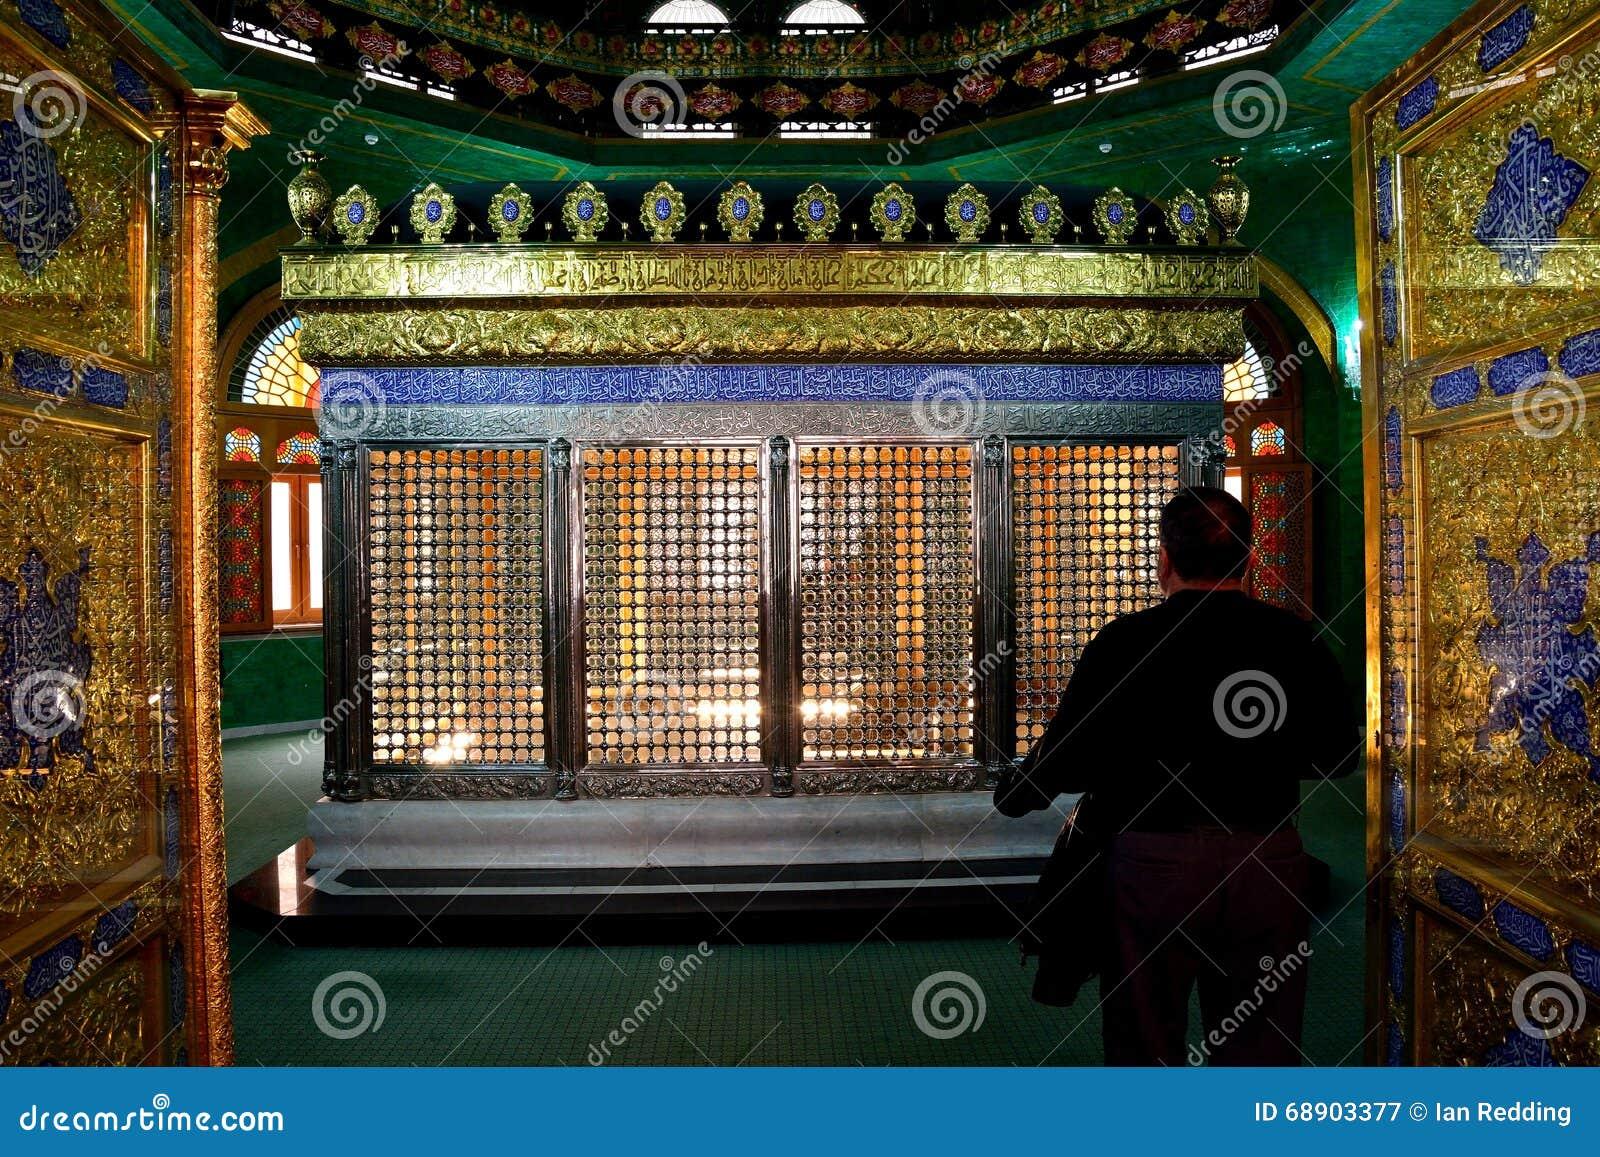 La tomba di Ukeyma Khanum nella moschea di Bibi-heybat